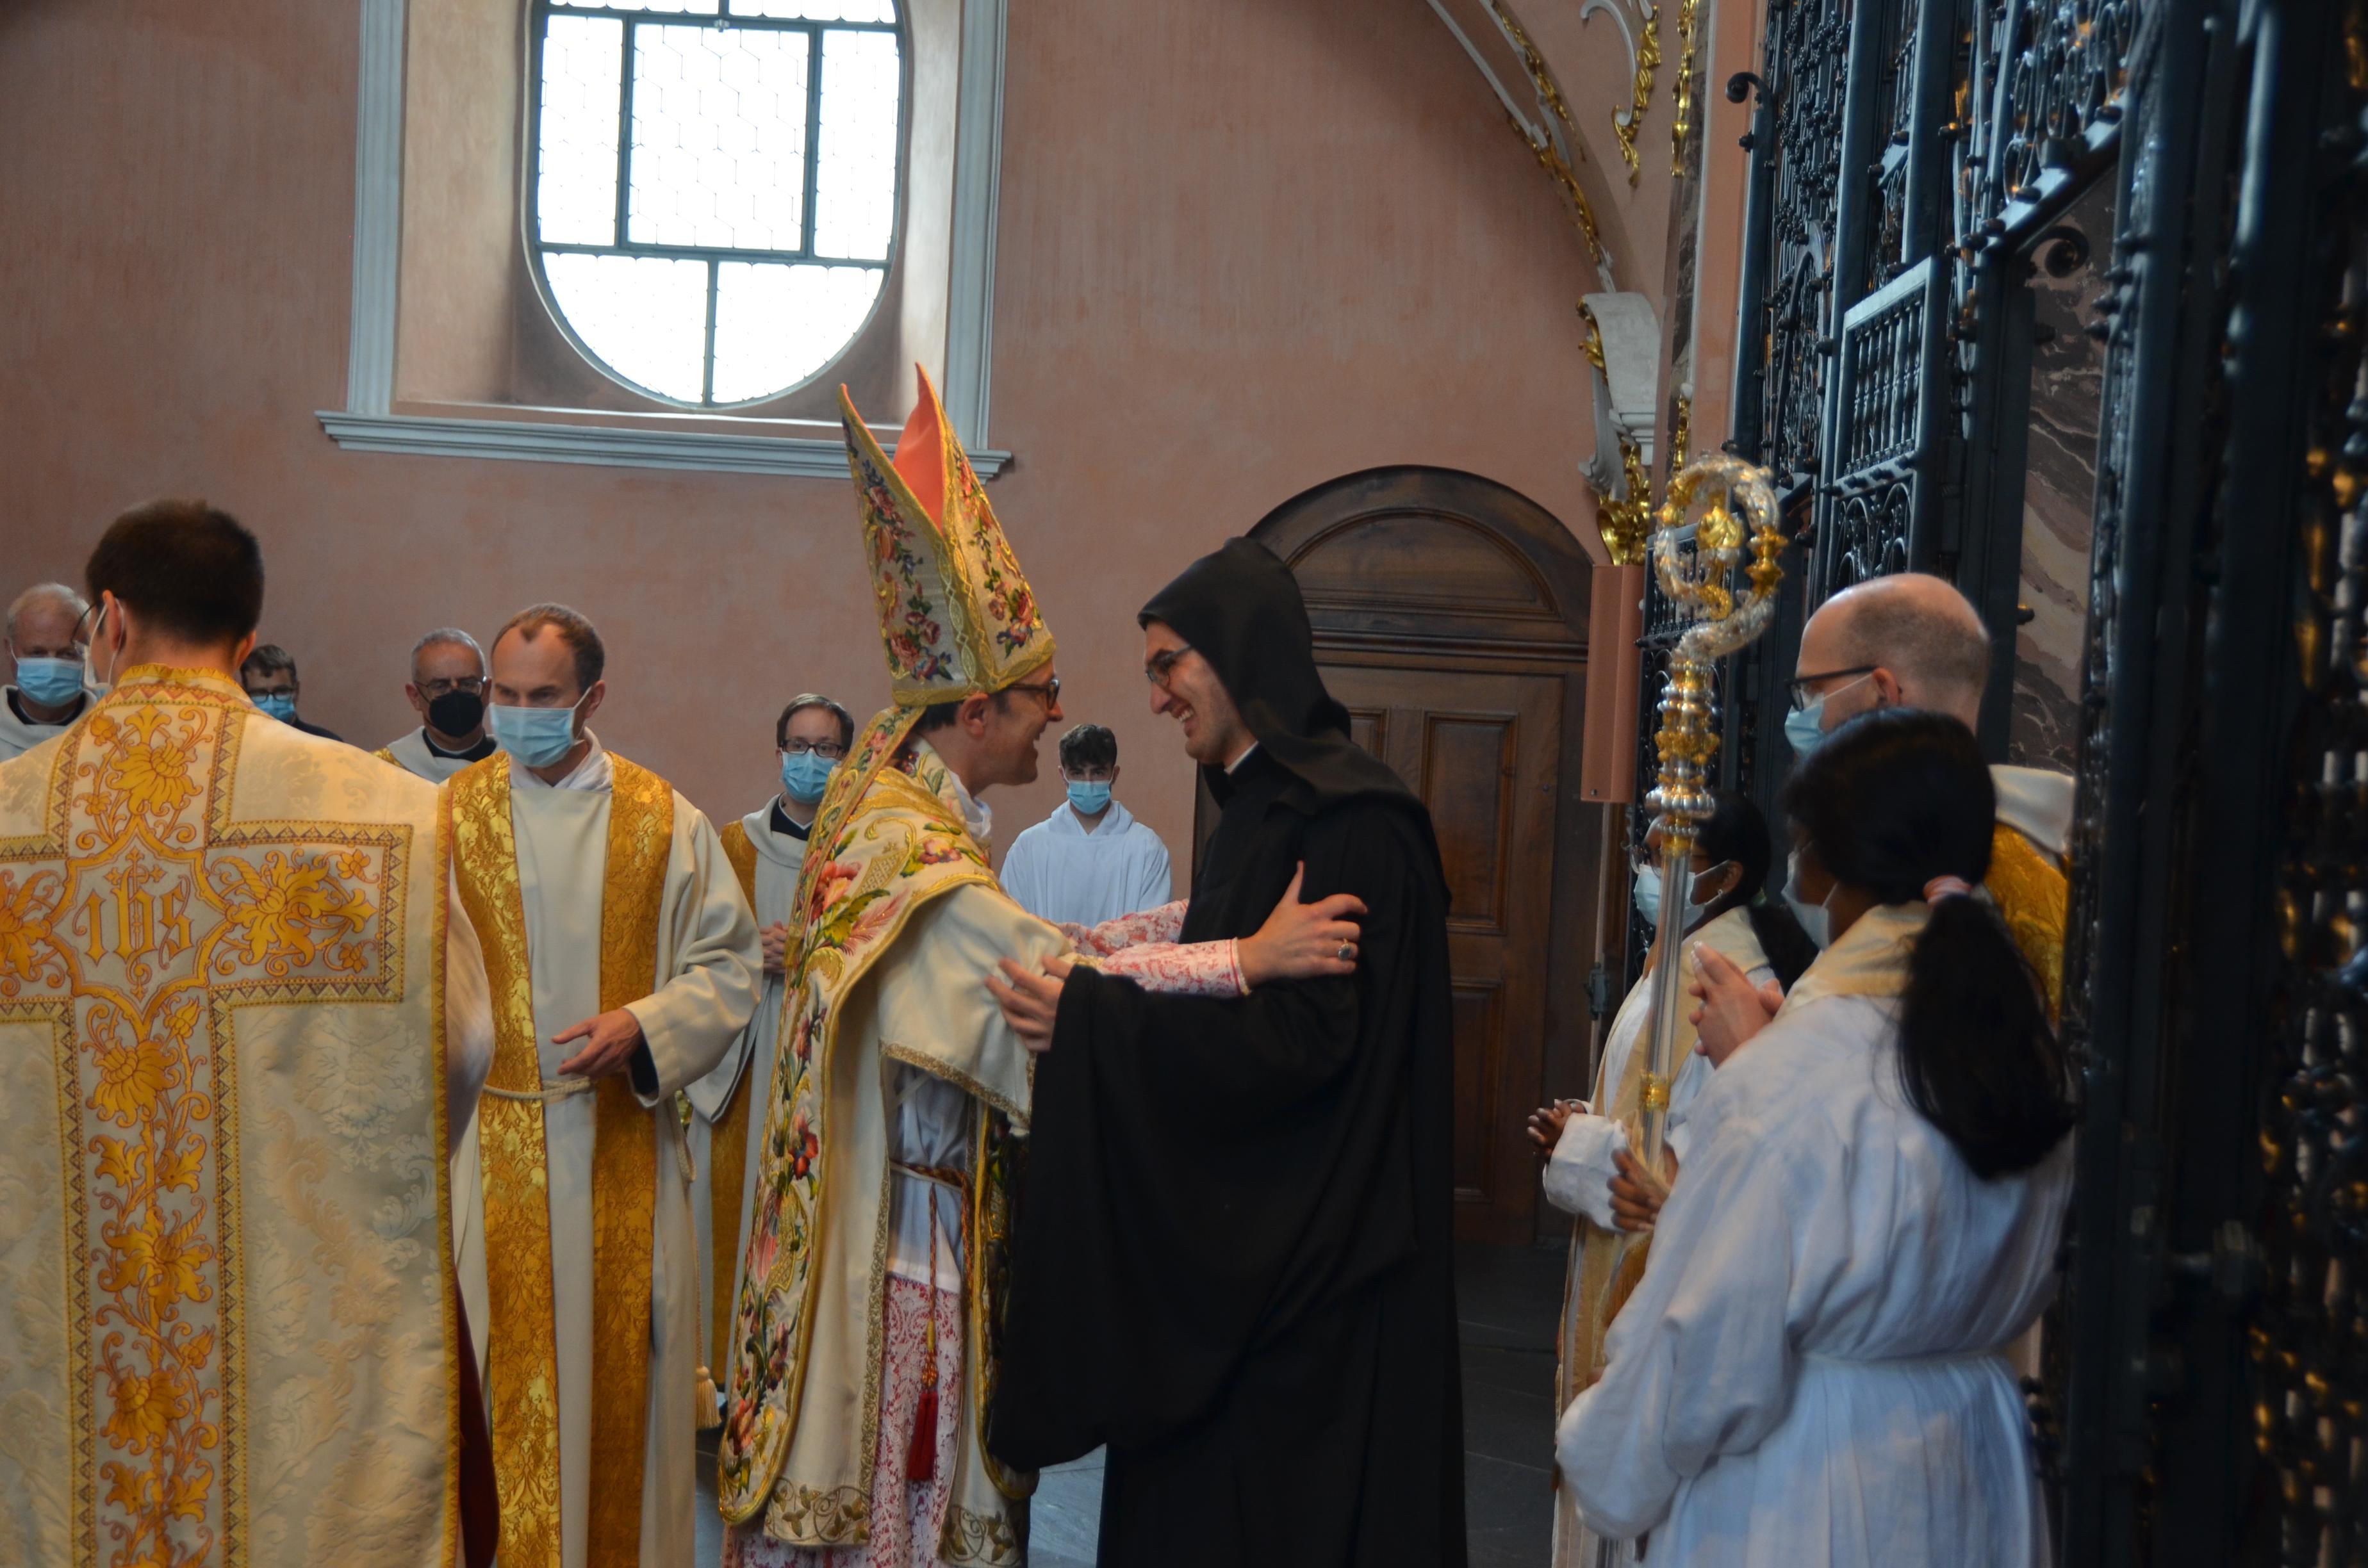 Frater Meinrad empfängt von Abt Urban den Friedensgruss.